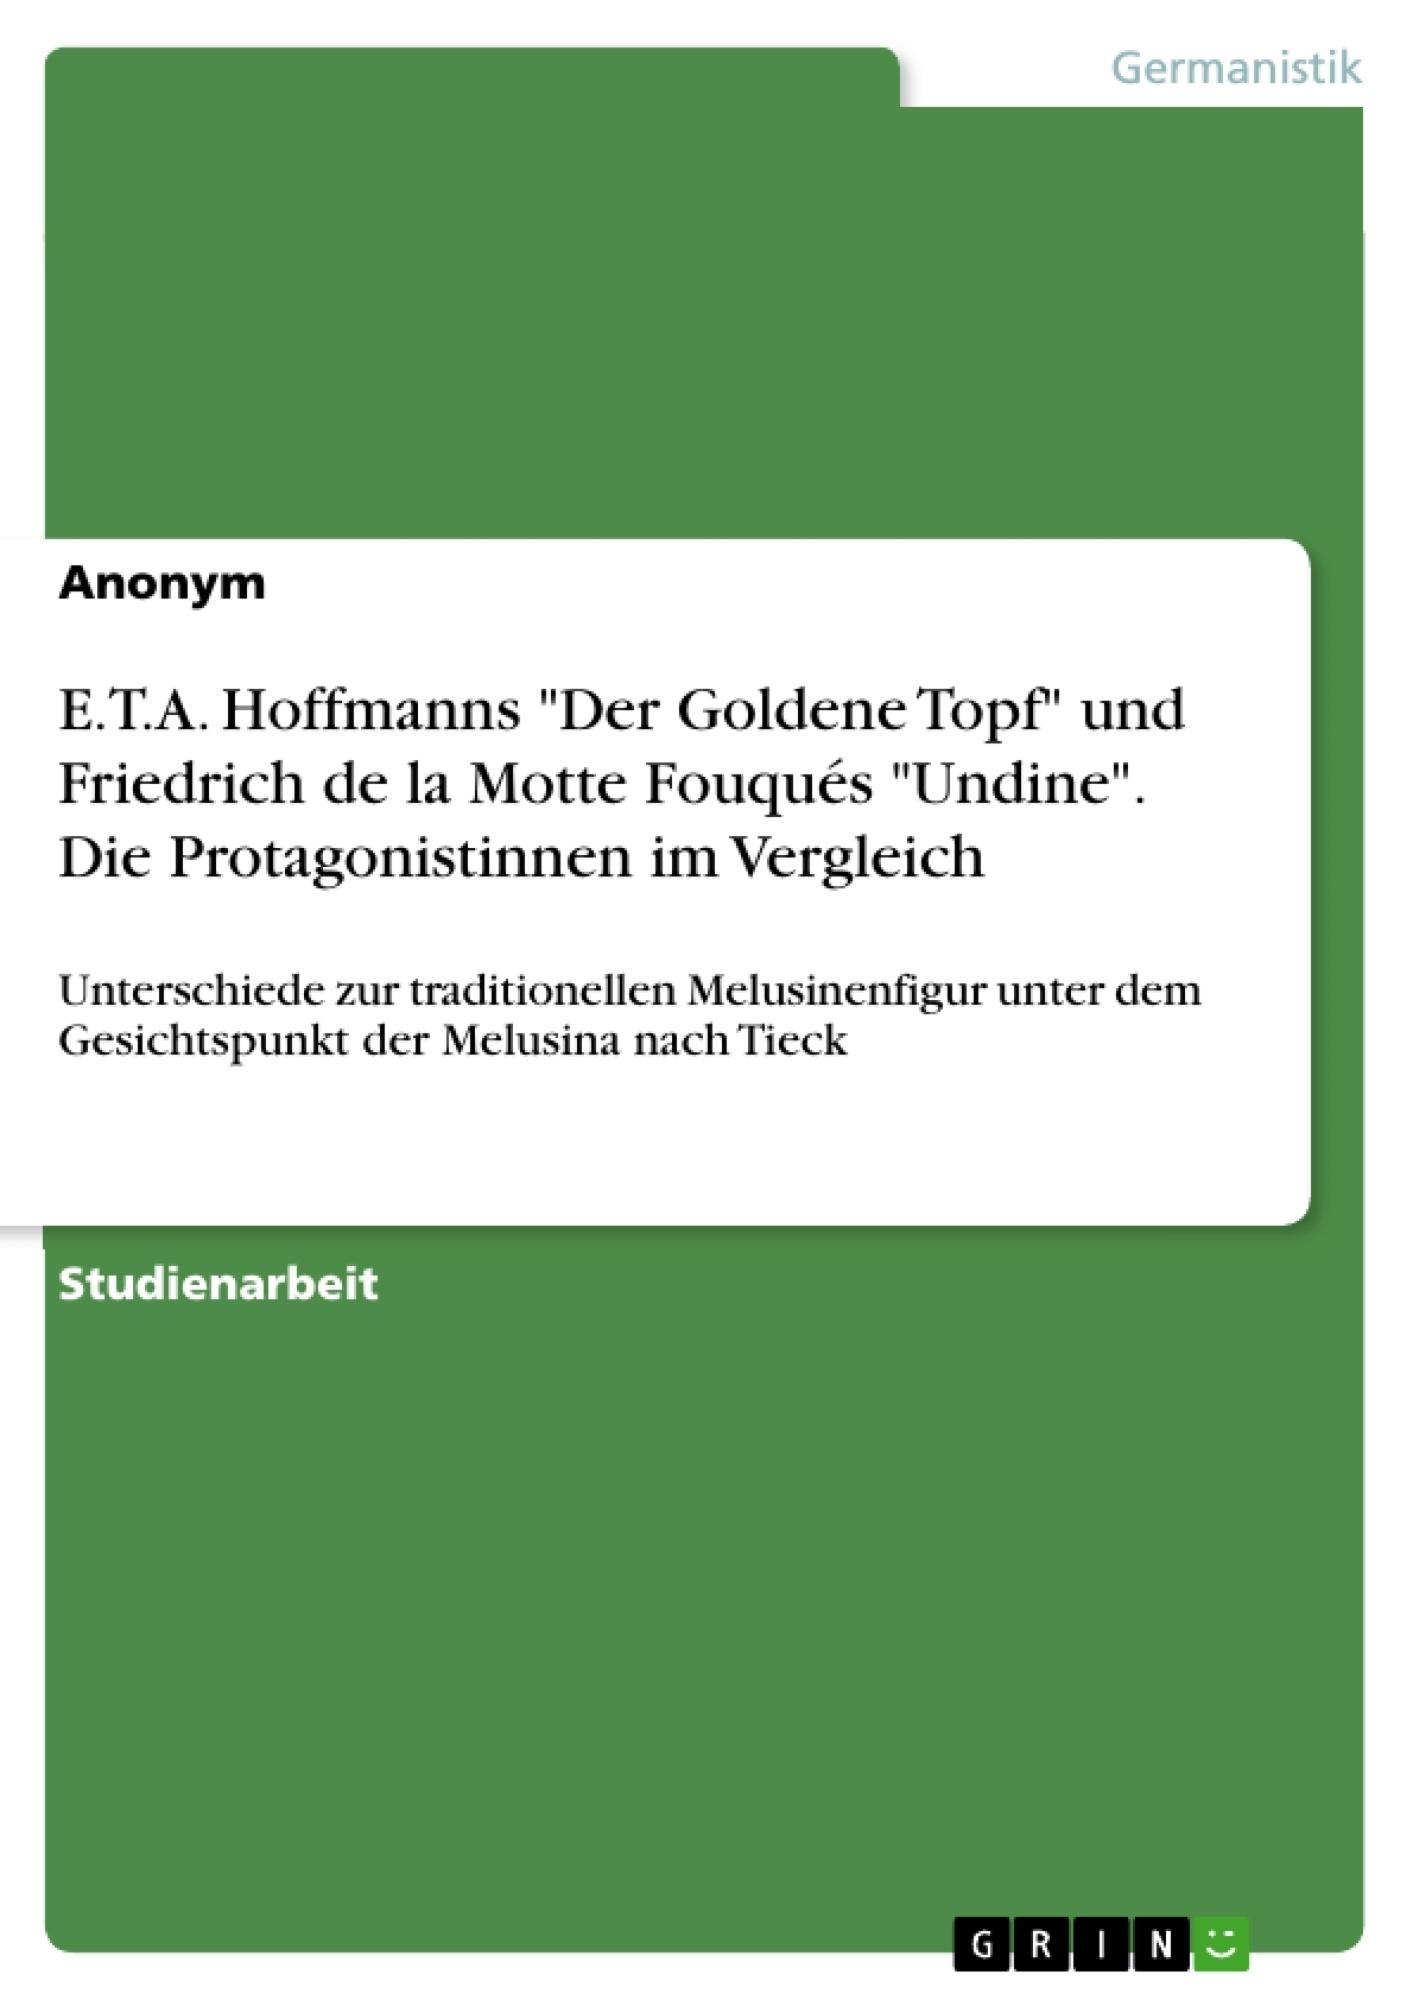 """Titel: E.T.A. Hoffmanns """"Der Goldene Topf"""" und Friedrich de la Motte Fouqués """"Undine"""". Die Protagonistinnen im Vergleich"""